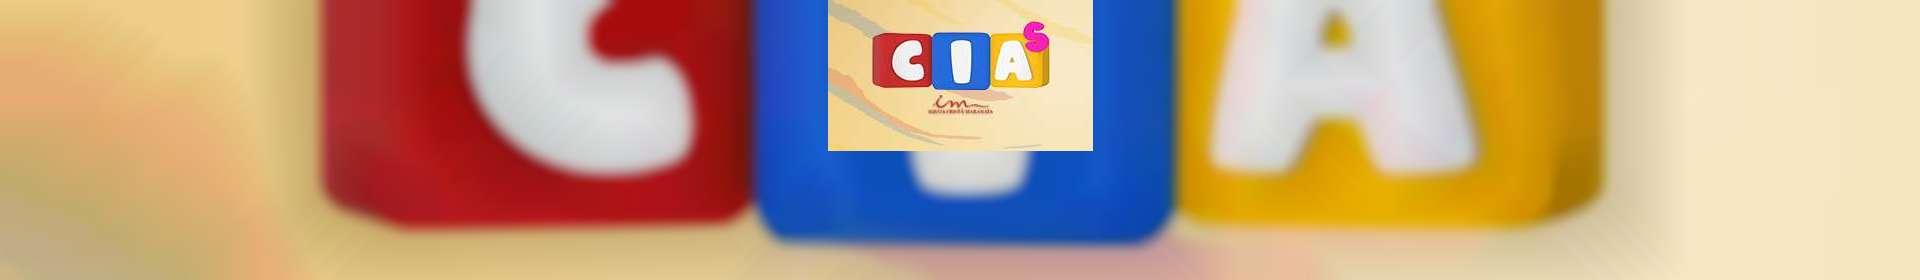 Aula de CIAS: classe de 0 a 3 anos e gestantes - 03 de setembro de 2020